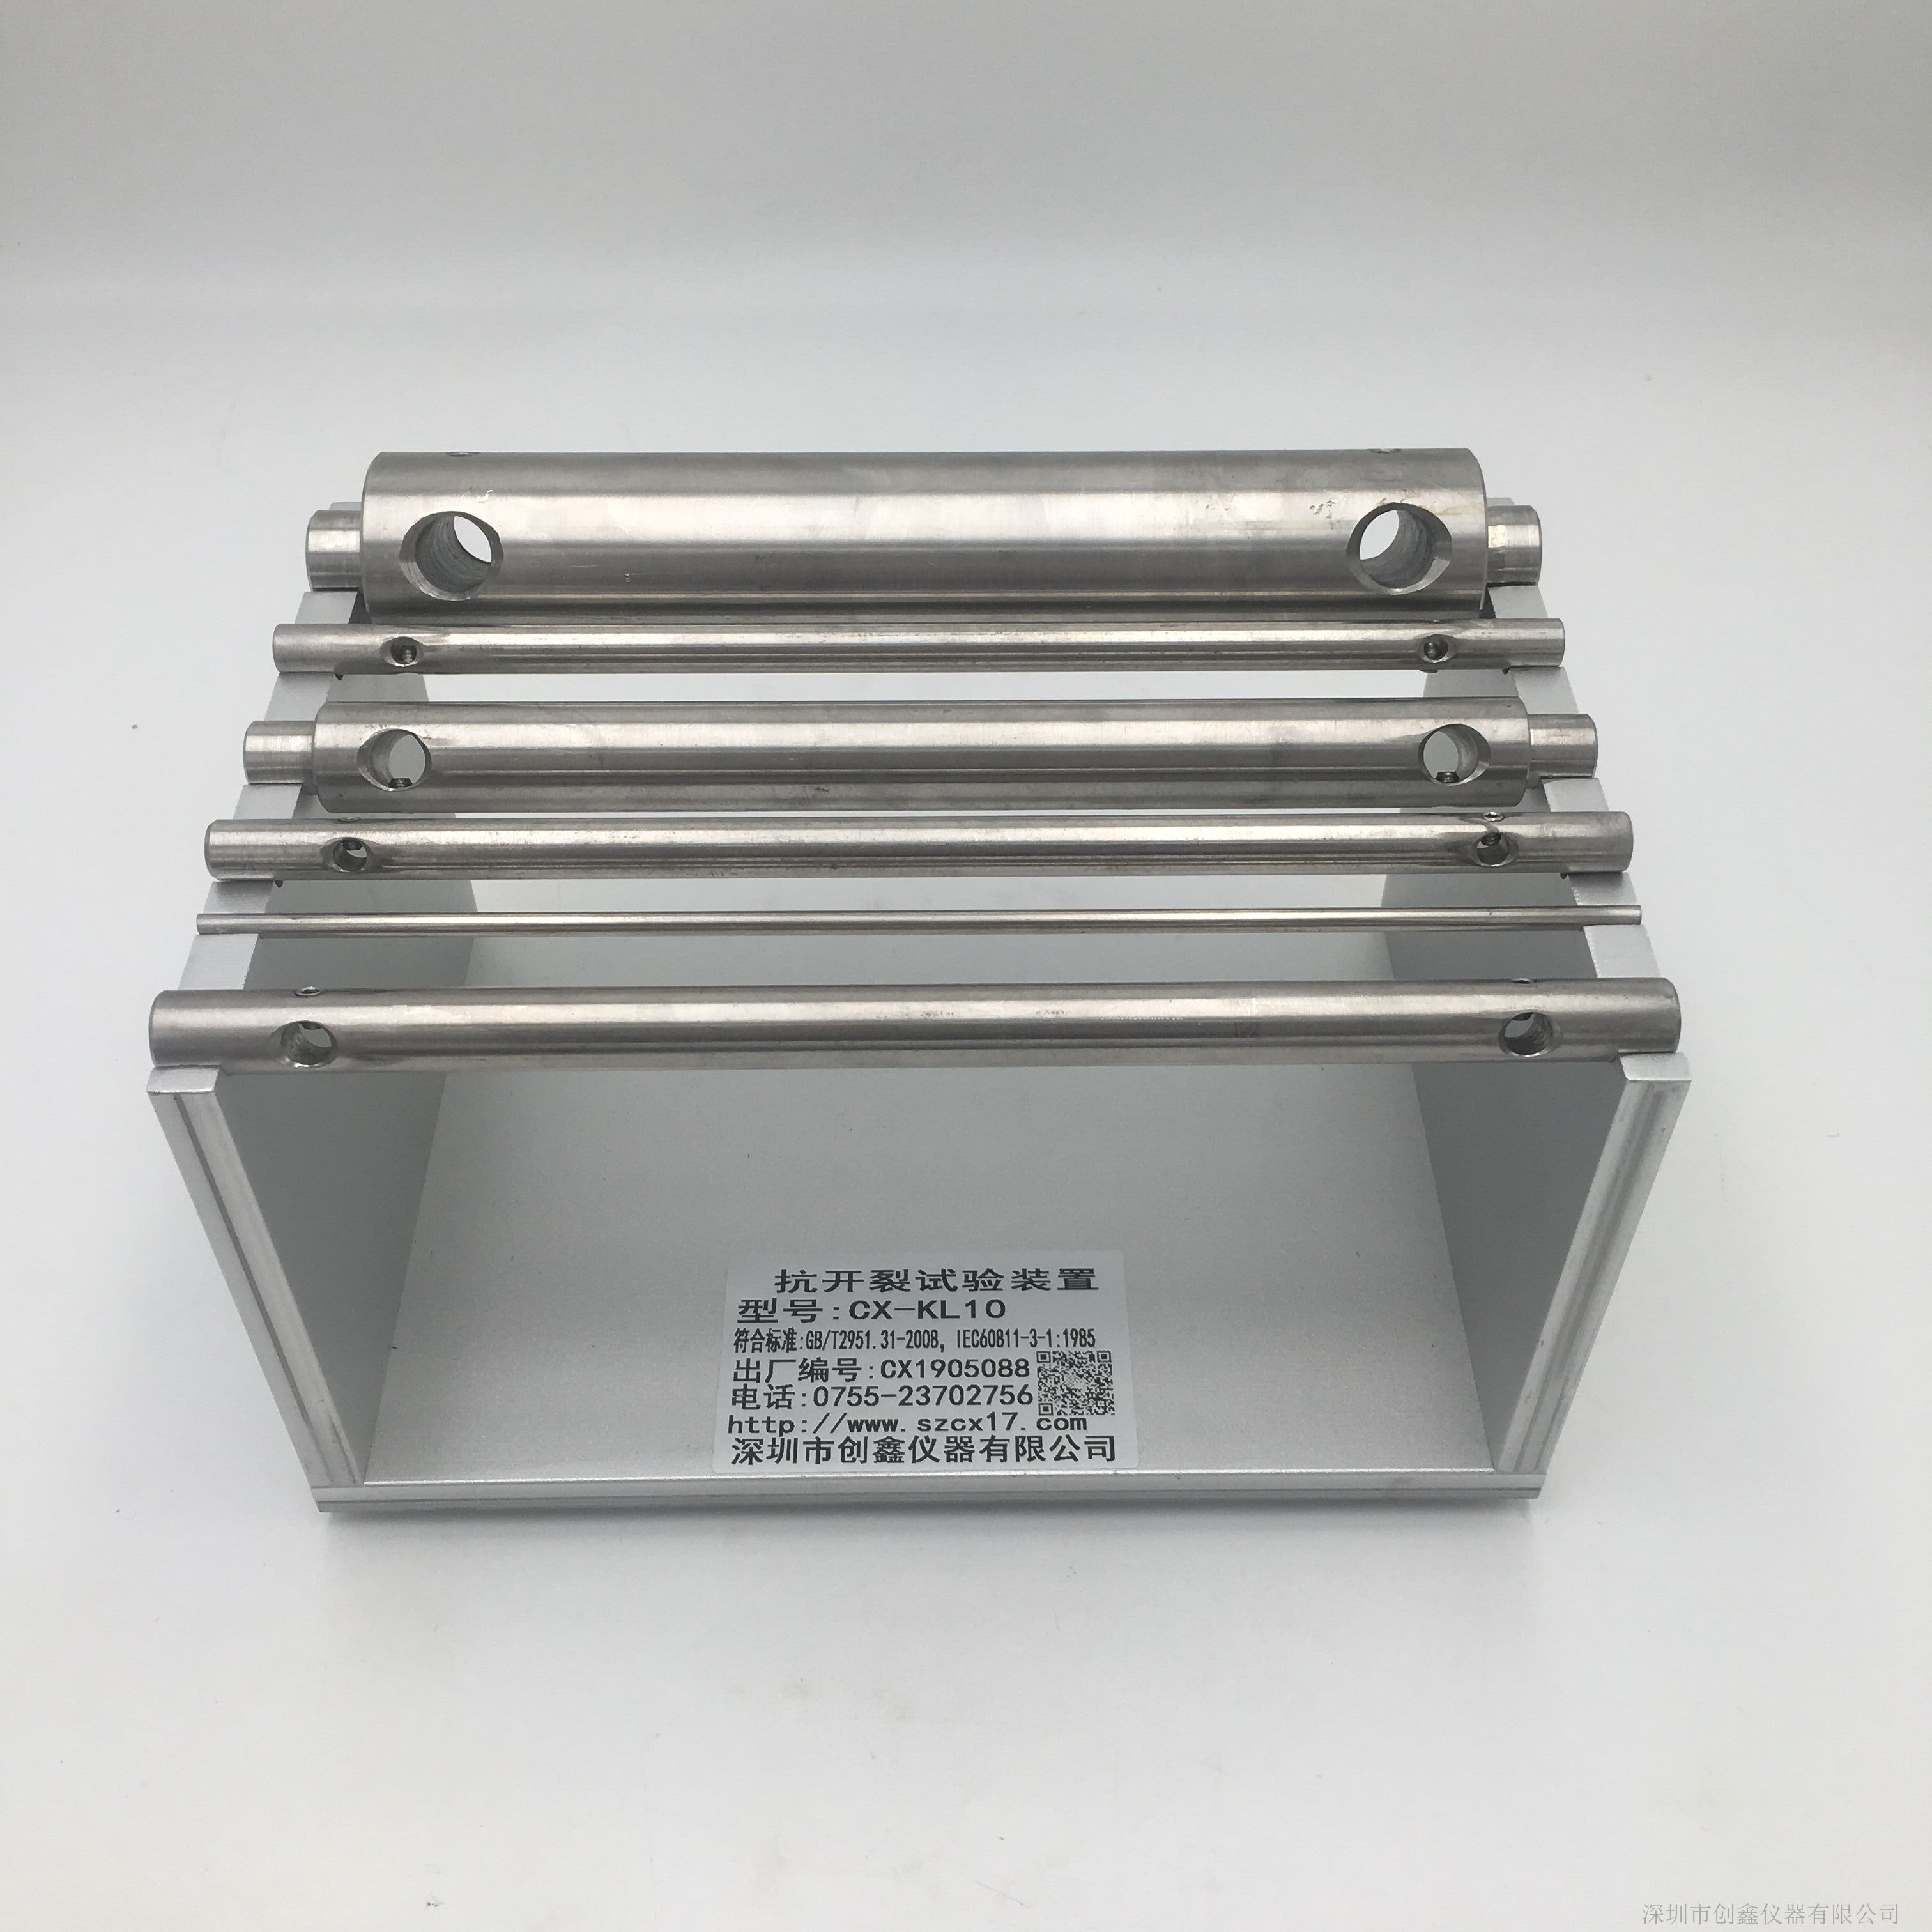 GB/T 2951.31.9-2008抗開裂試驗裝置